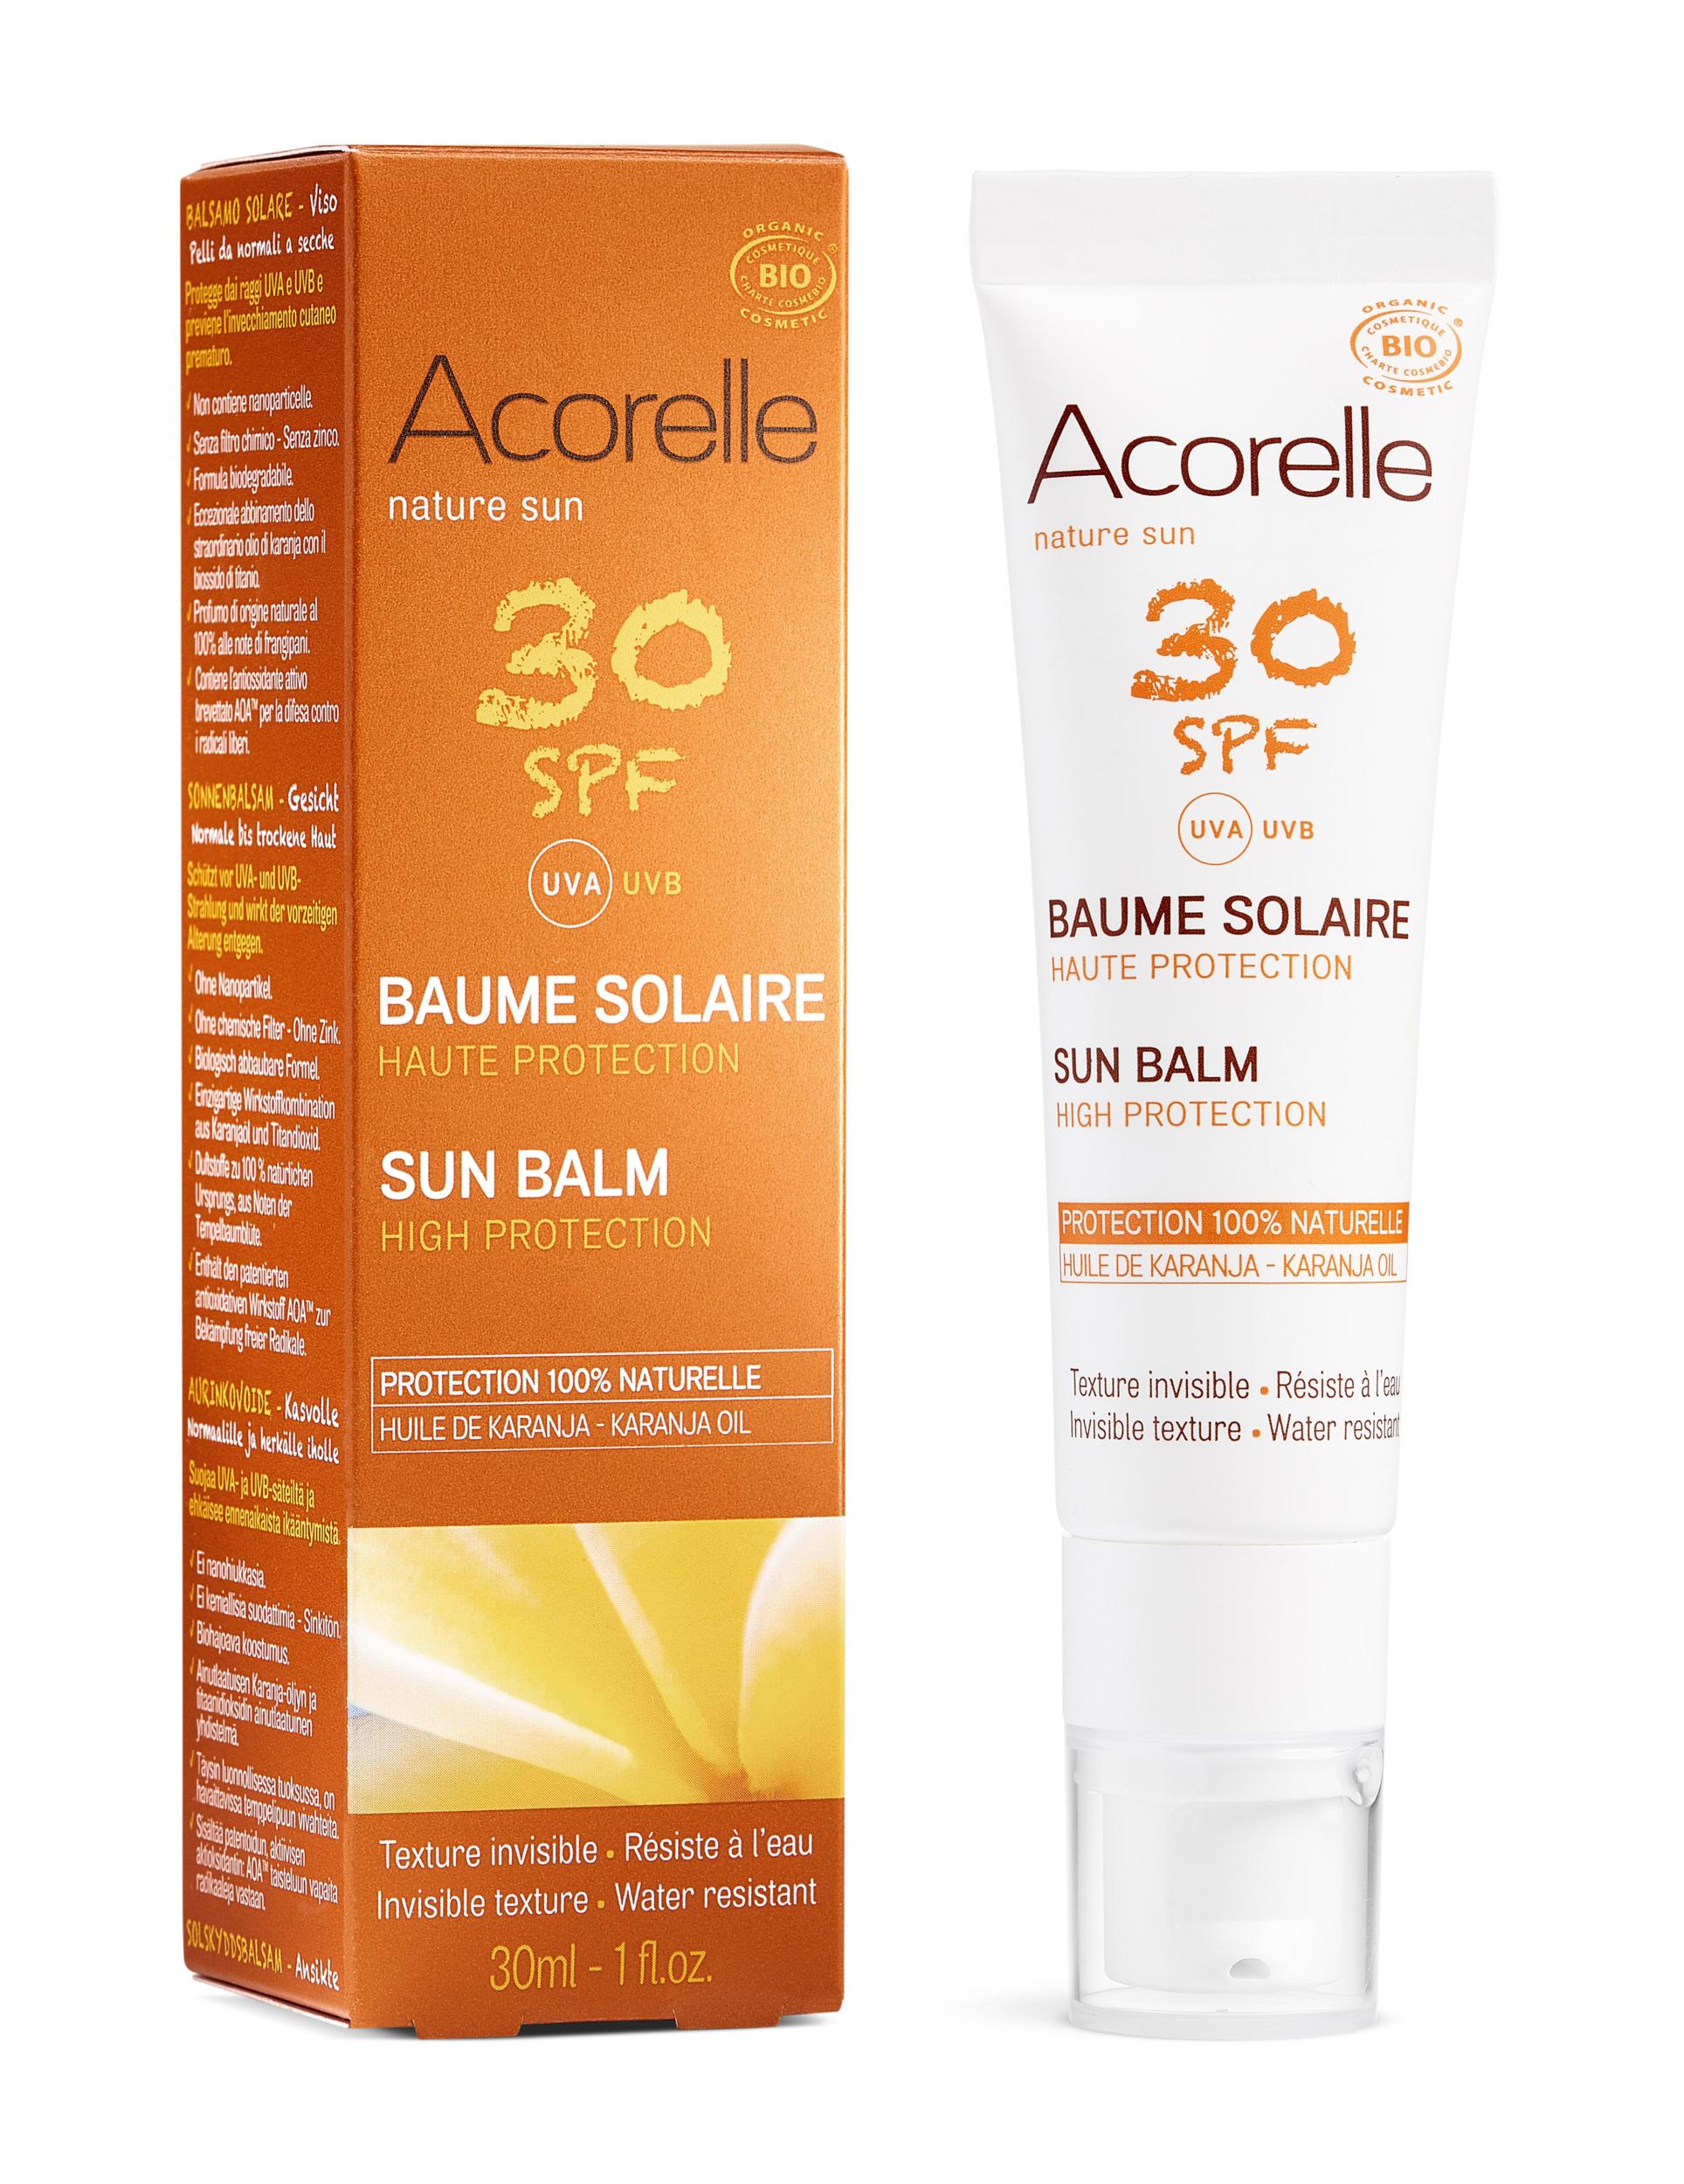 Doux Good - Acorelle-Baume solaire-30SPF